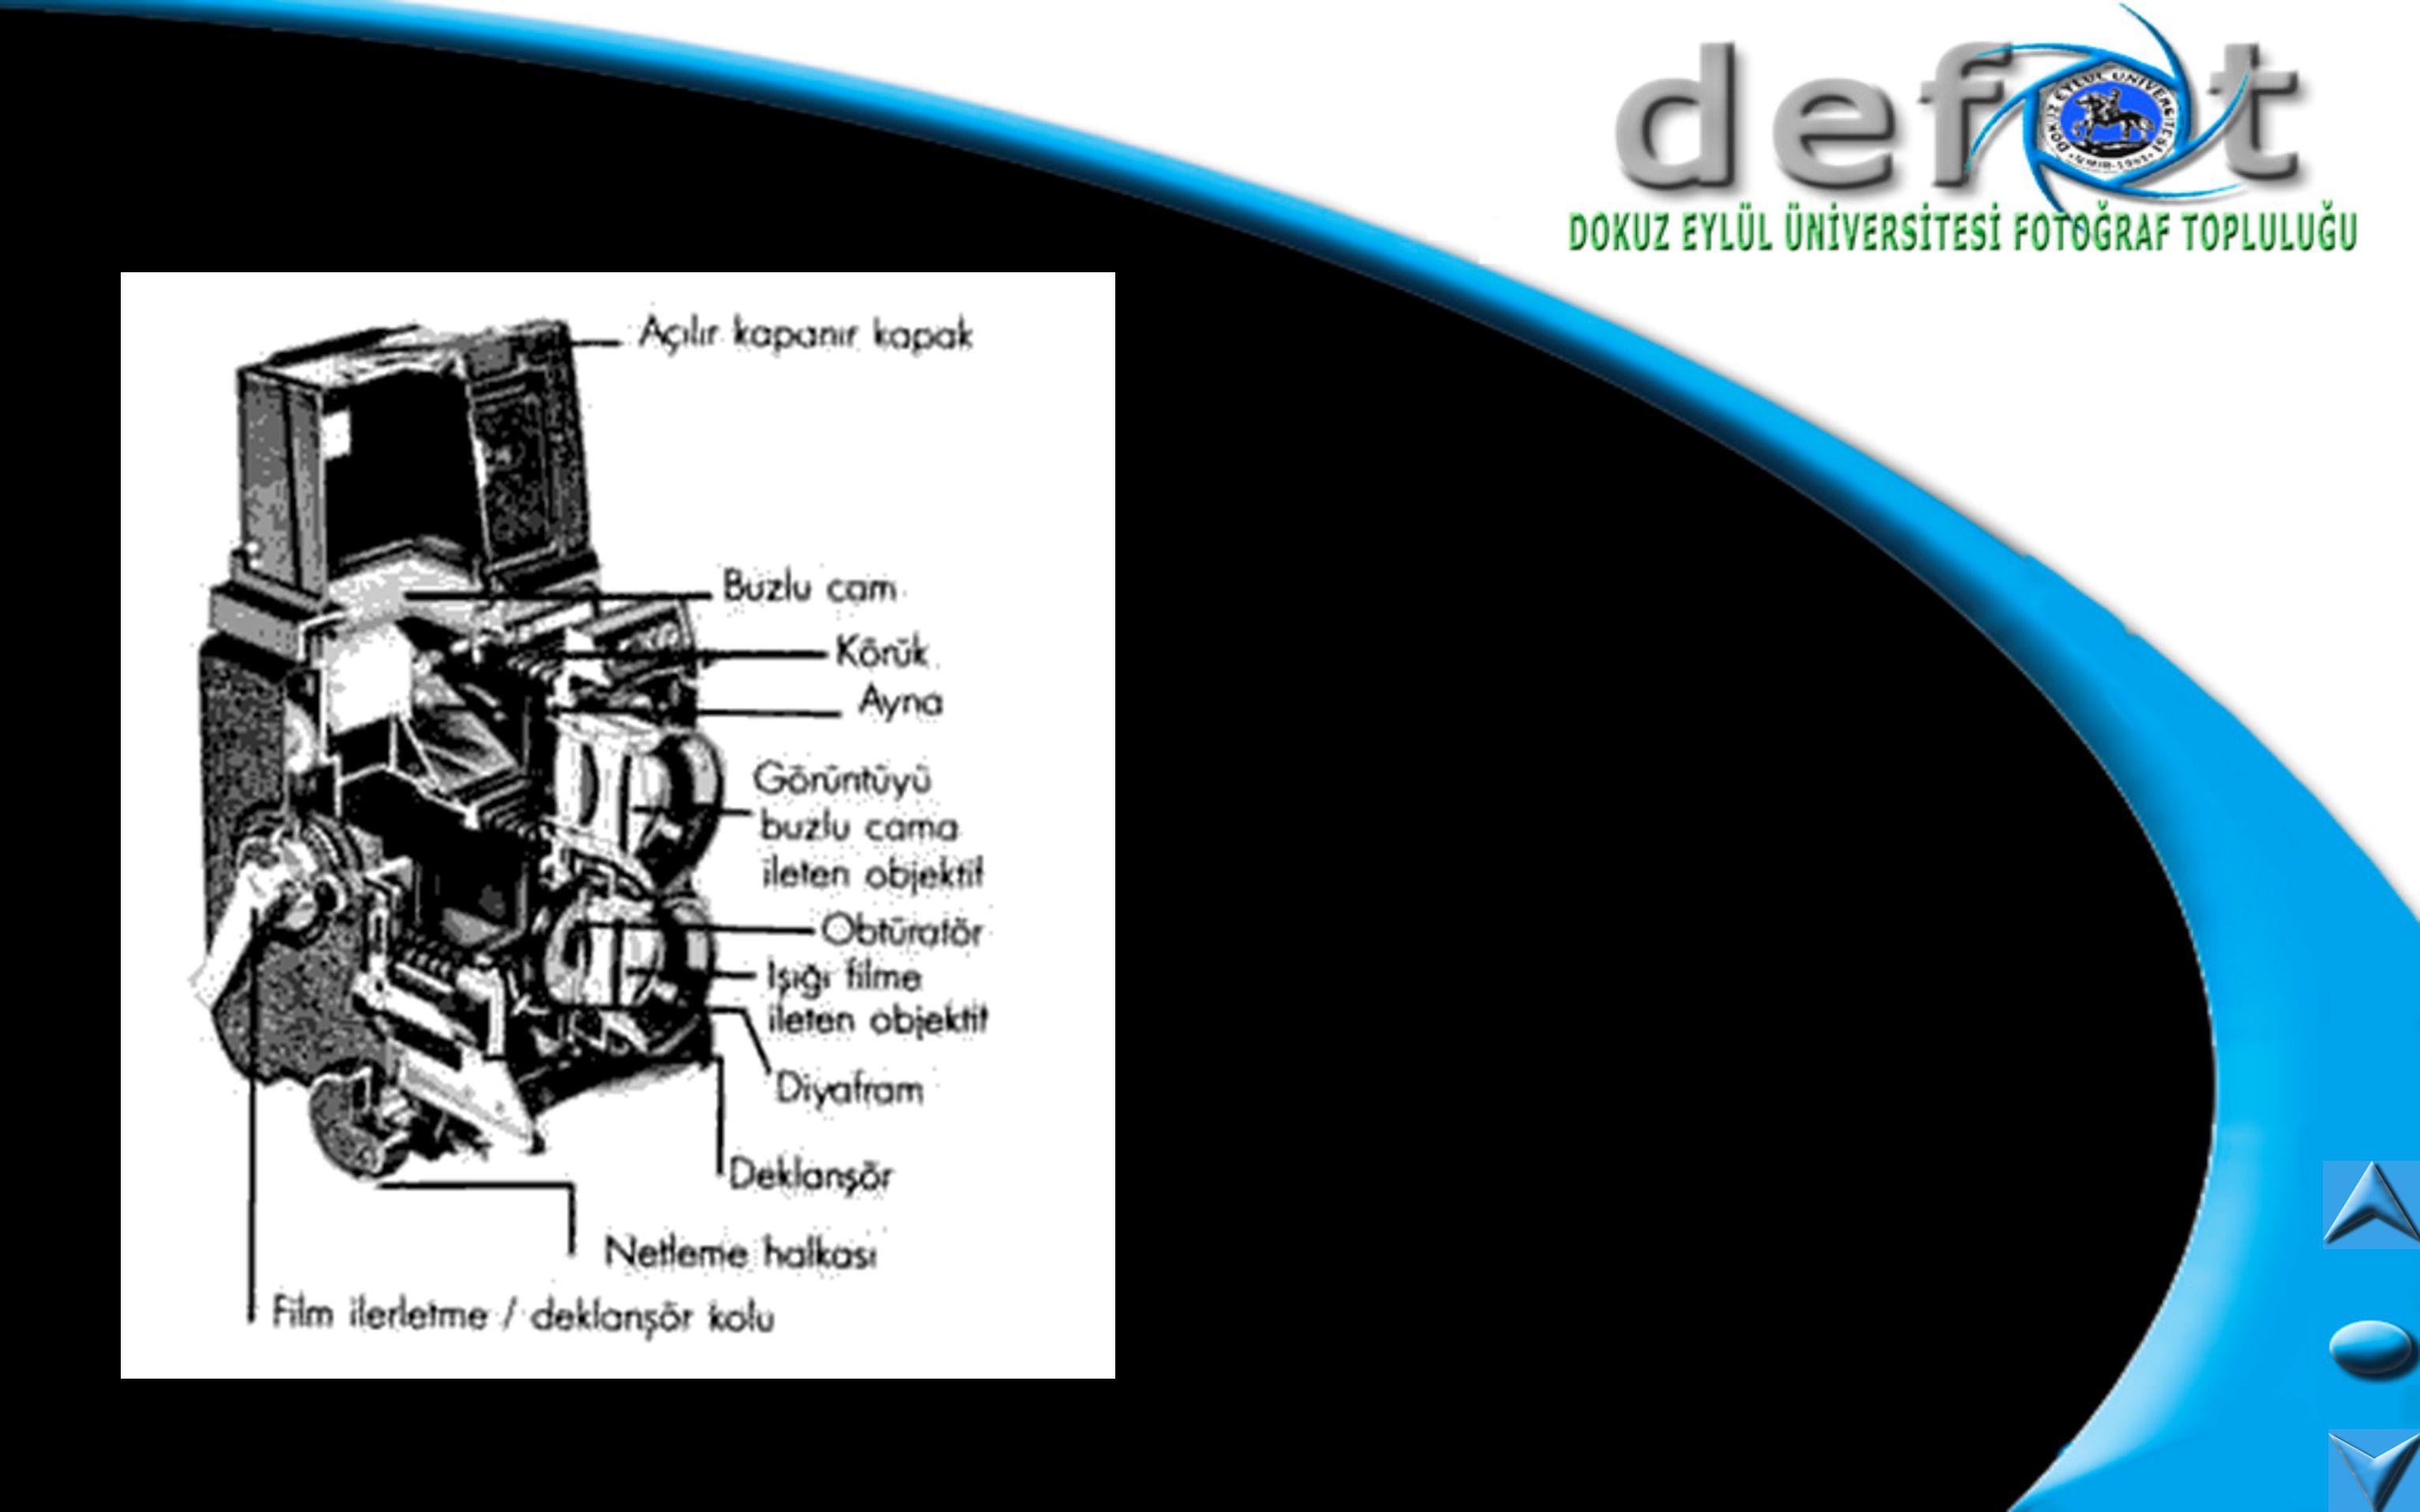 Yaprak Örtücüler Birbiri üzerinde kayabilen çelik yapraklar sayesinde dairesel dönme hareketi sonucu açılıp film düzlemine ışık girmesini, kapanarak ışık girmesini engelleyerek sessiz ve titreşimsiz çalışırlar.